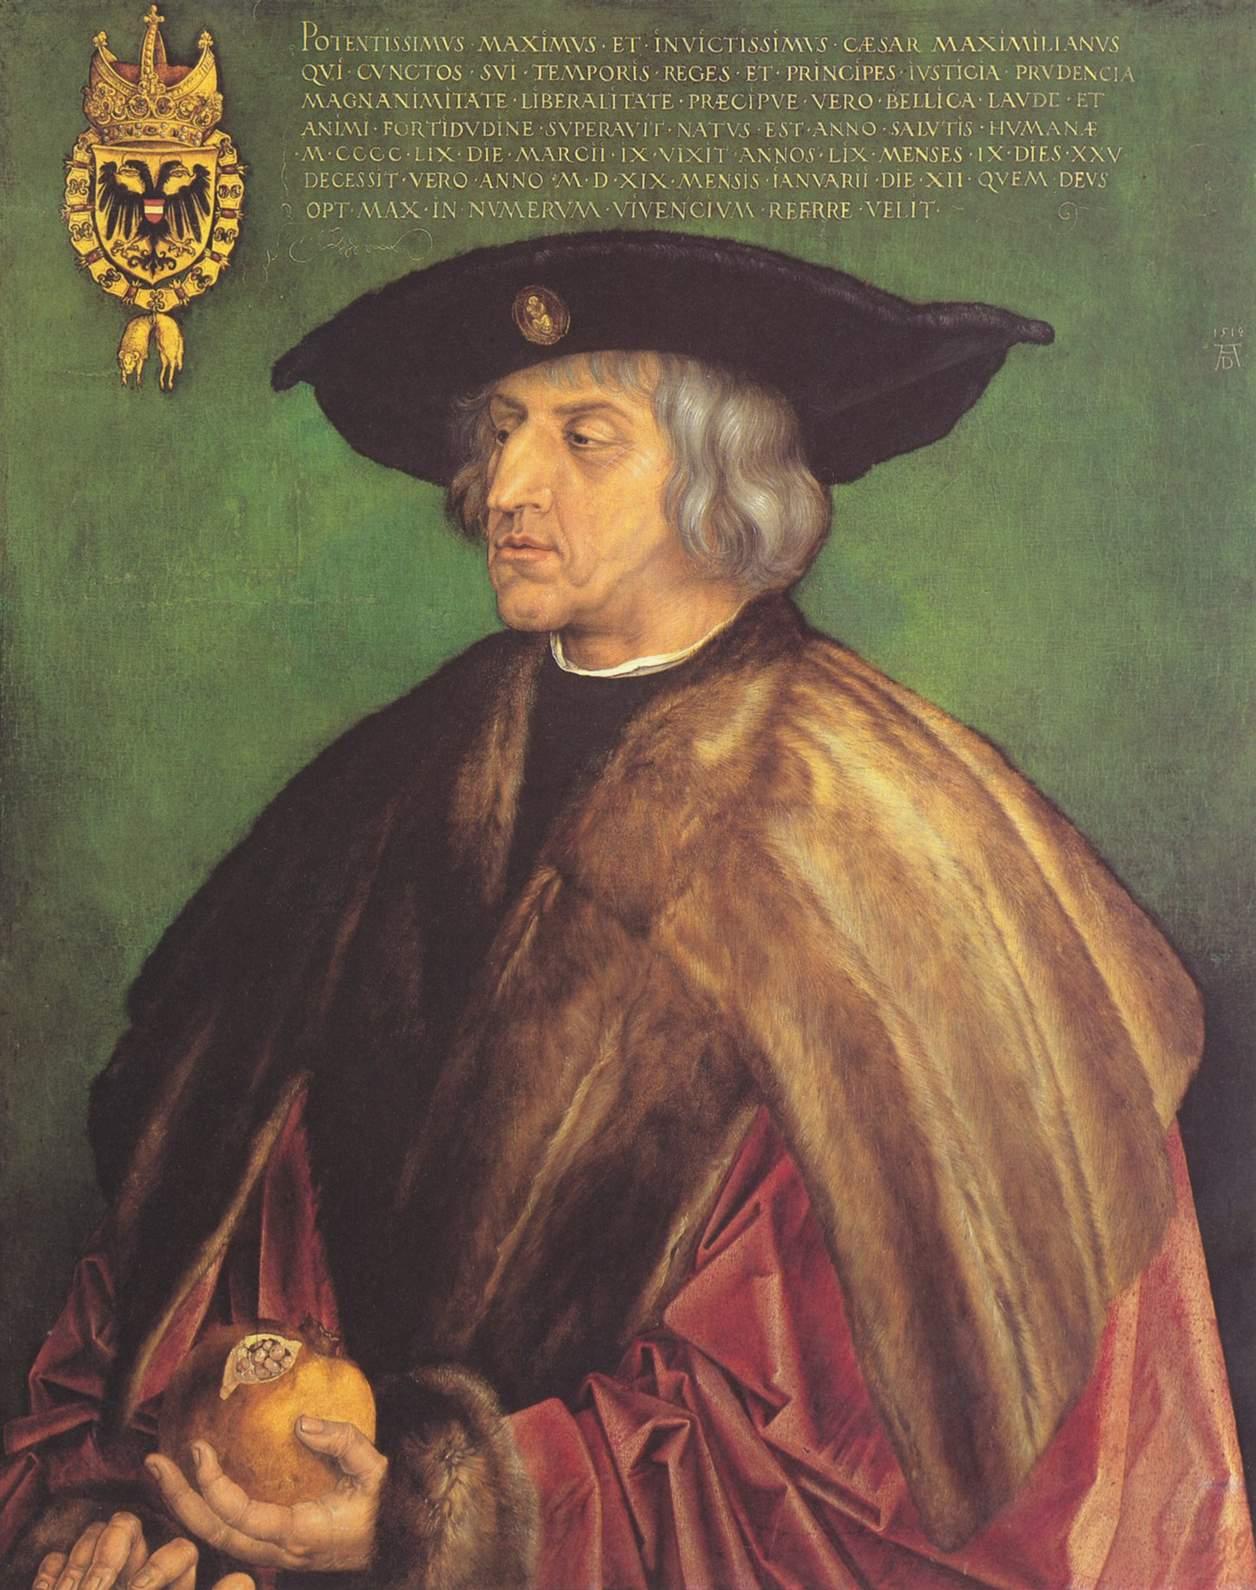 Портрет императора Максимиллиана I на зеленом фоне, Альбрехт Дюрер